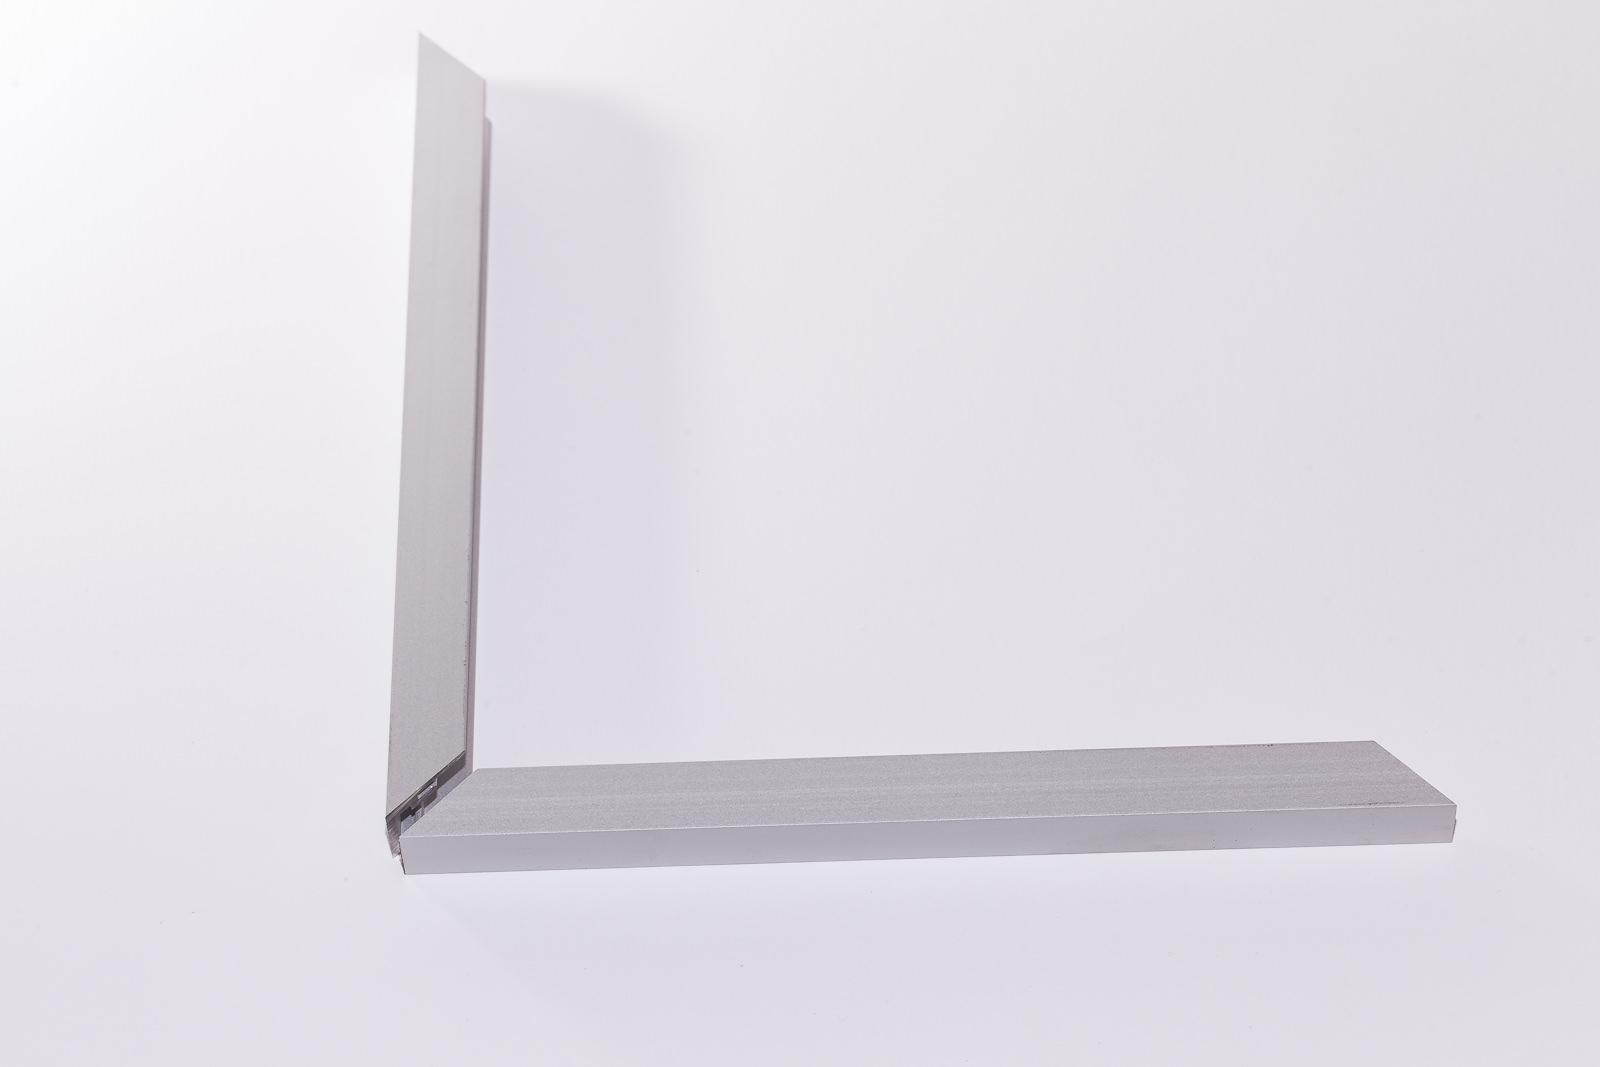 HK 10 Aluminium-Display-Profil